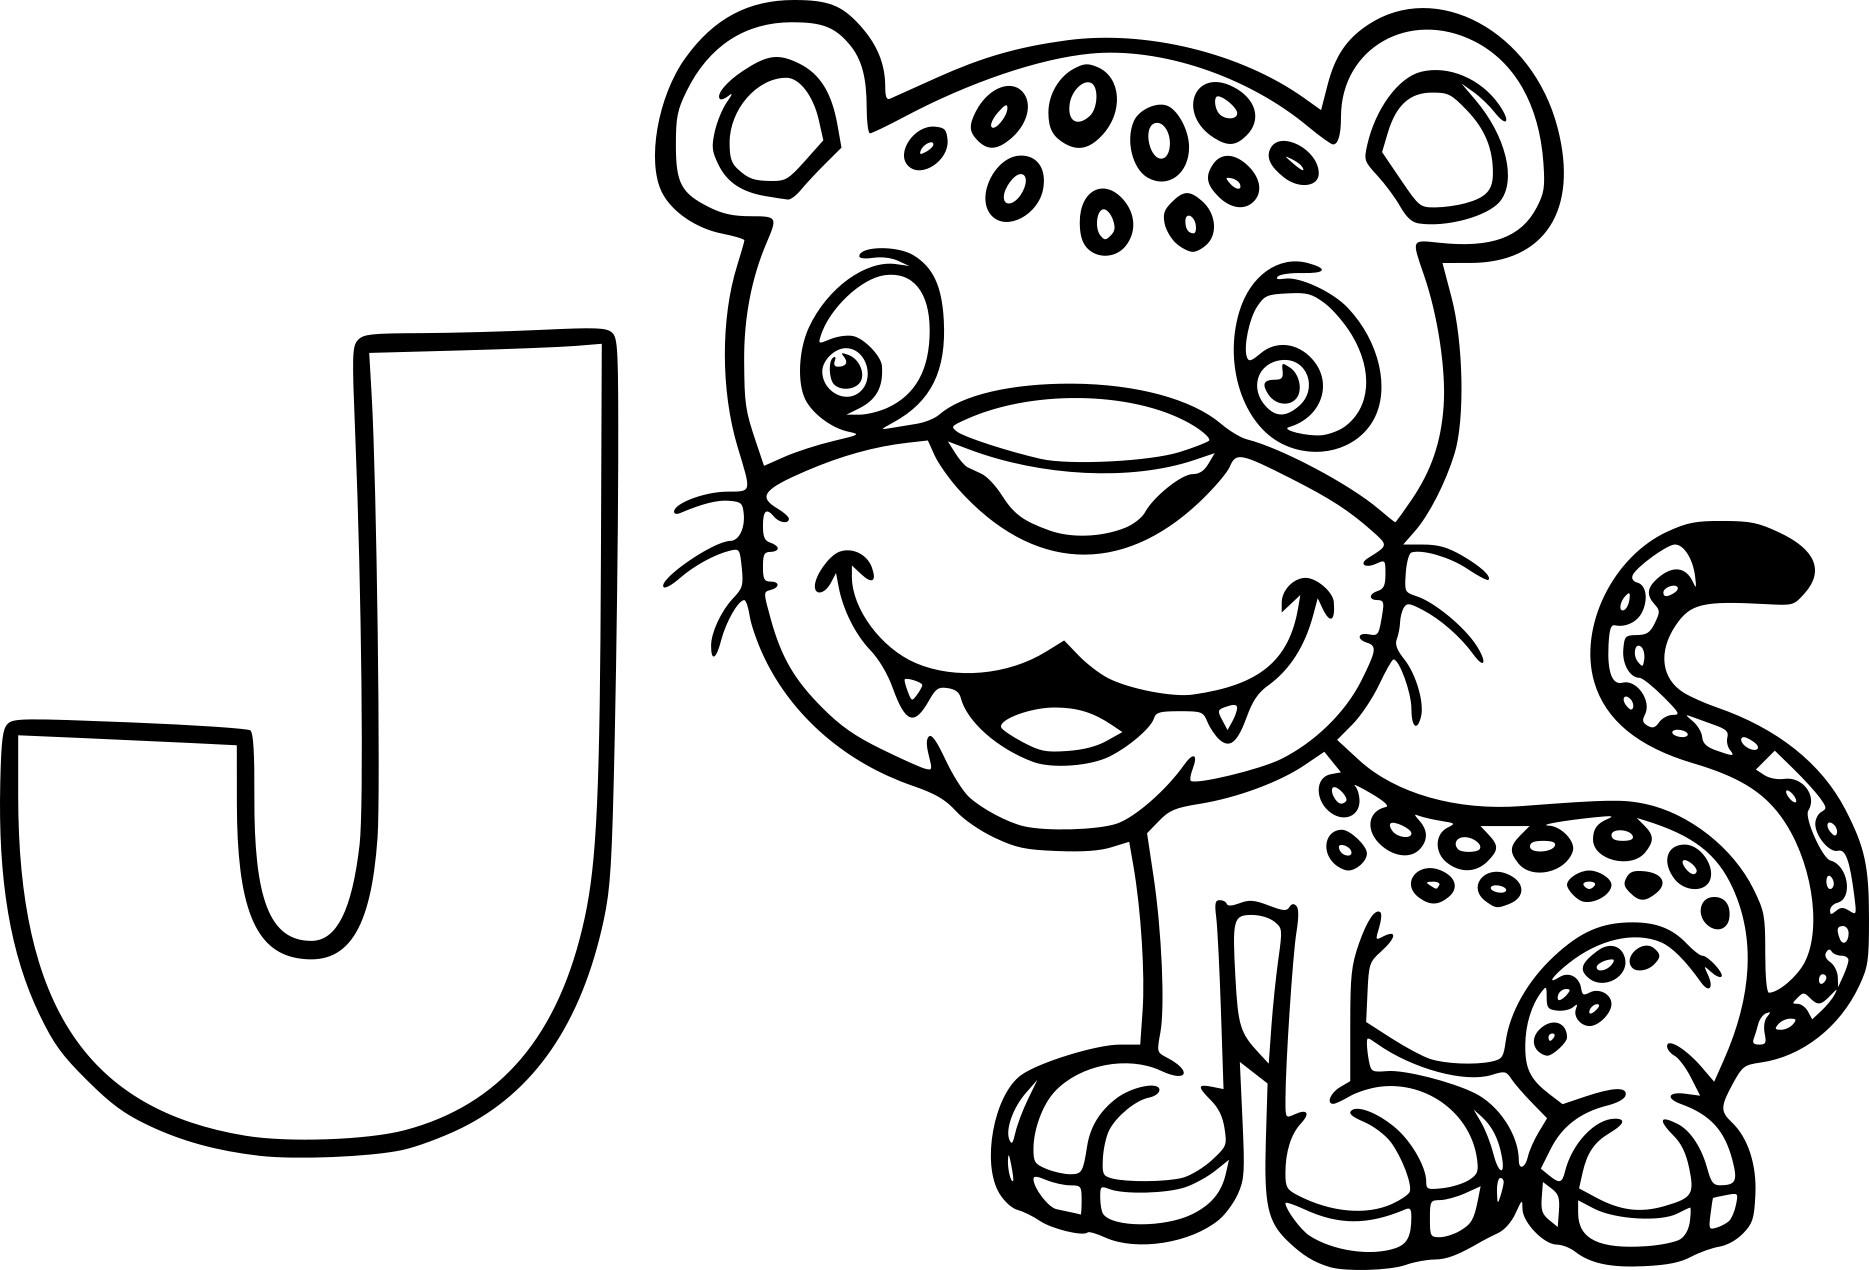 Coloriage j comme jaguar imprimer - Jaguar dessin ...